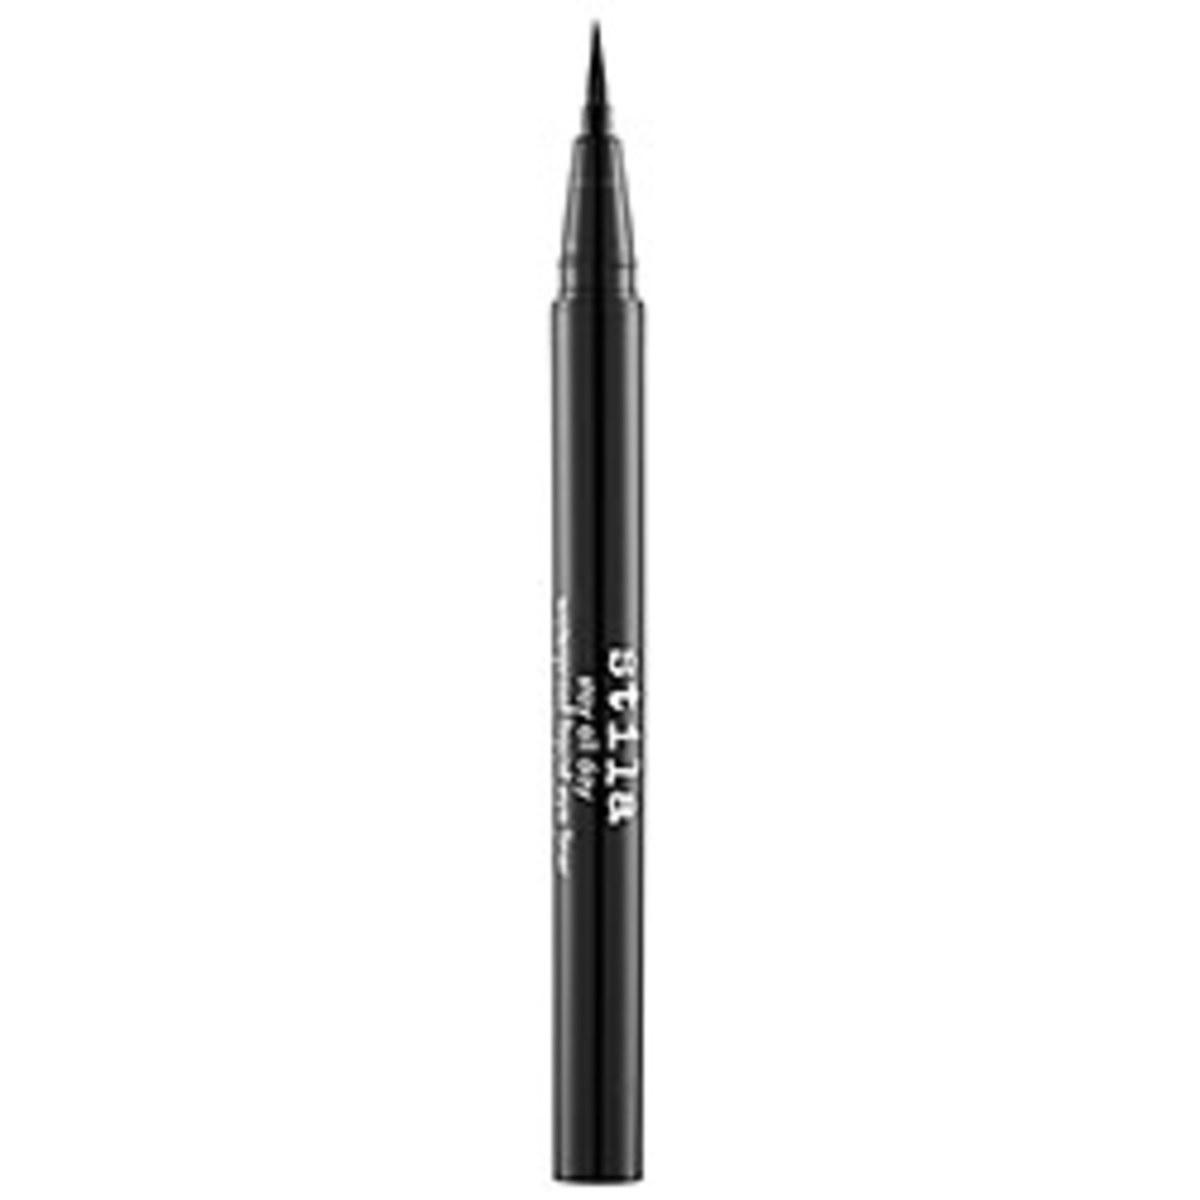 Stila-All-Day-Liquid-Liner-Pen